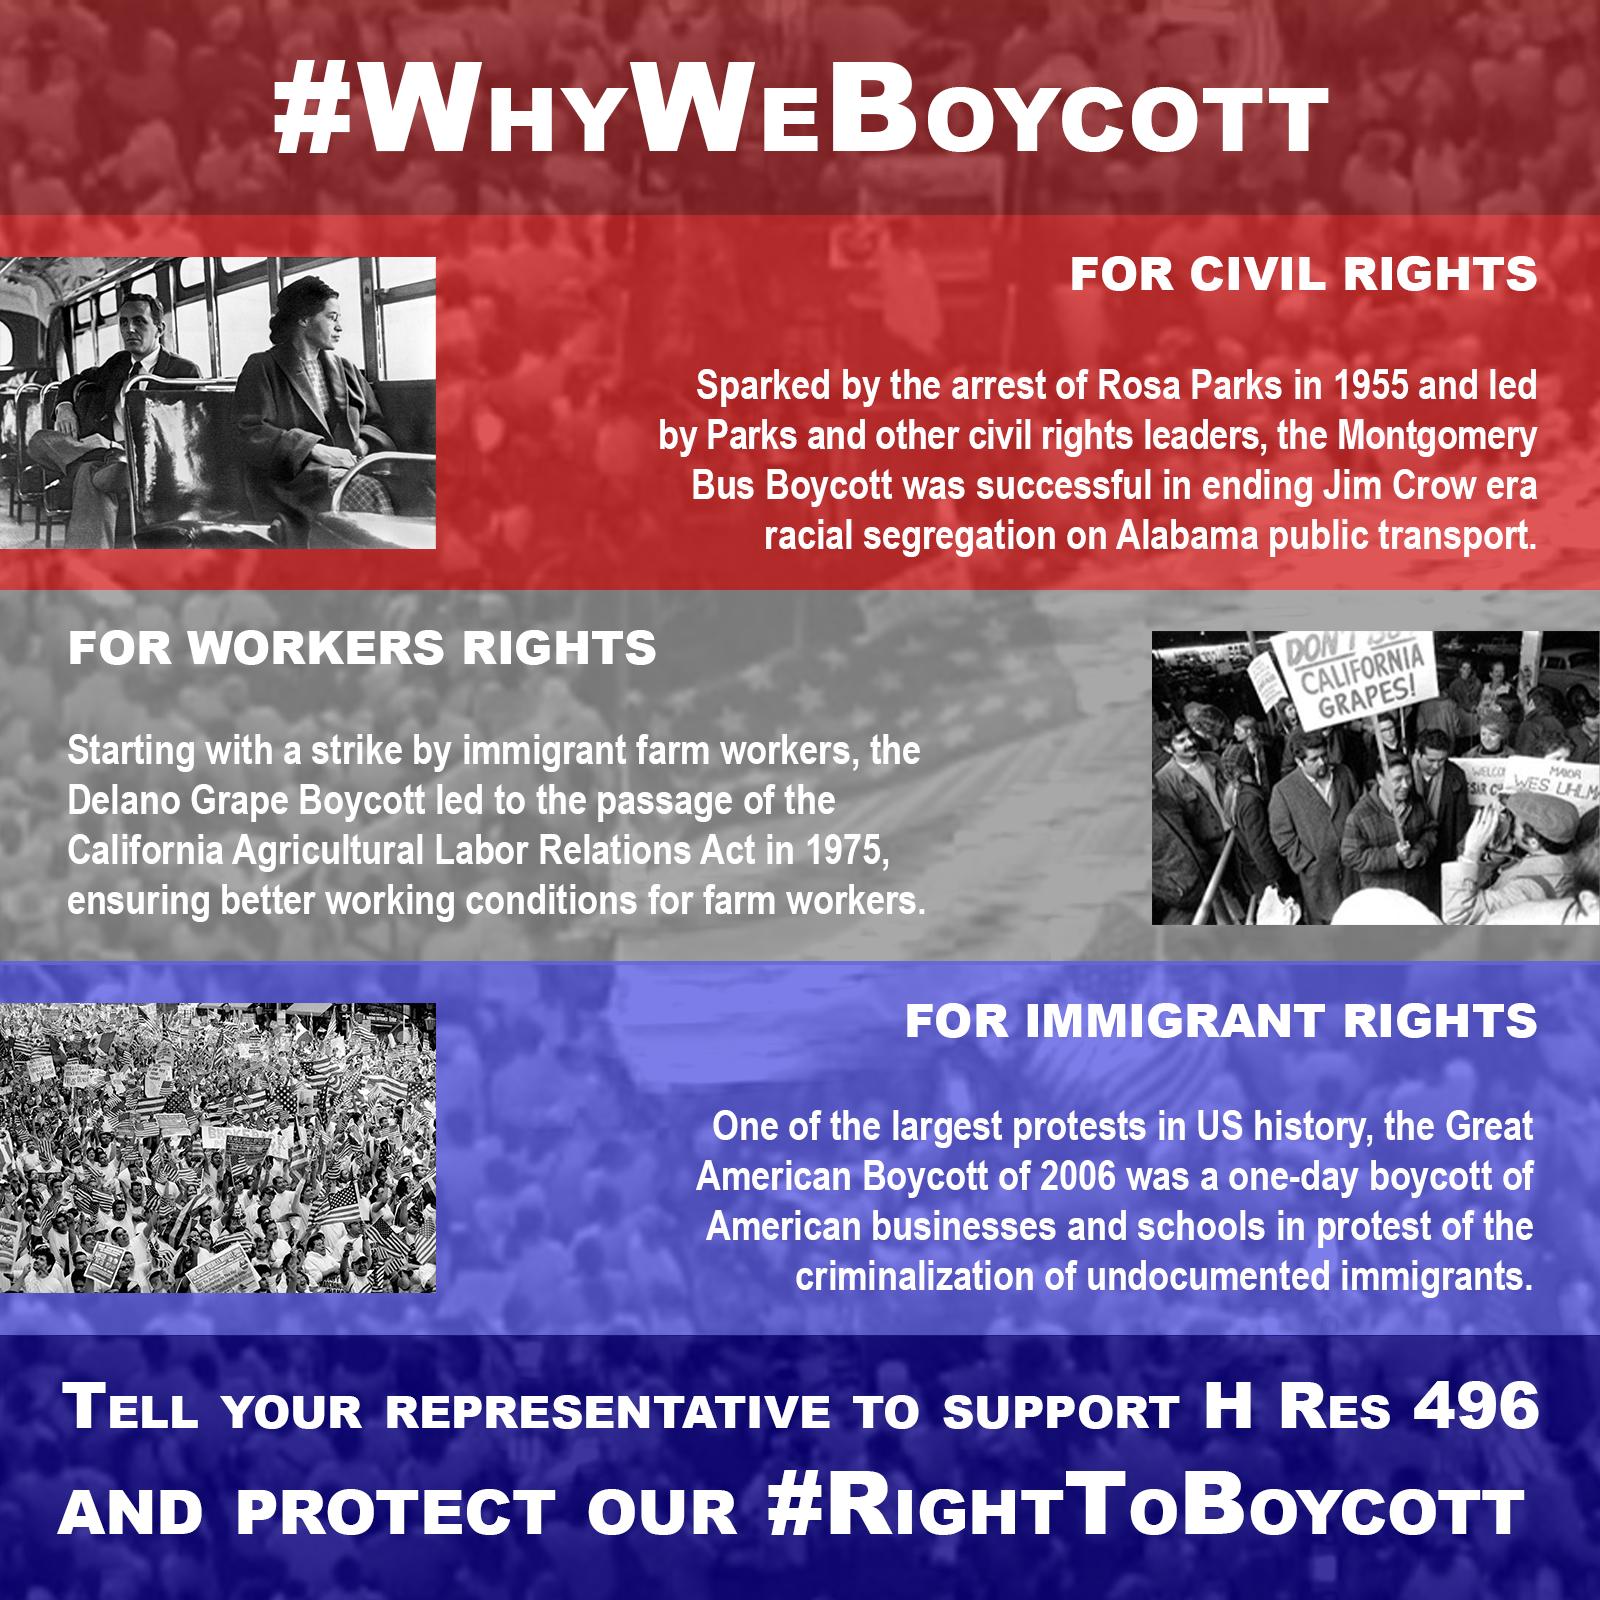 WhyWeBoycott_UShistory.png